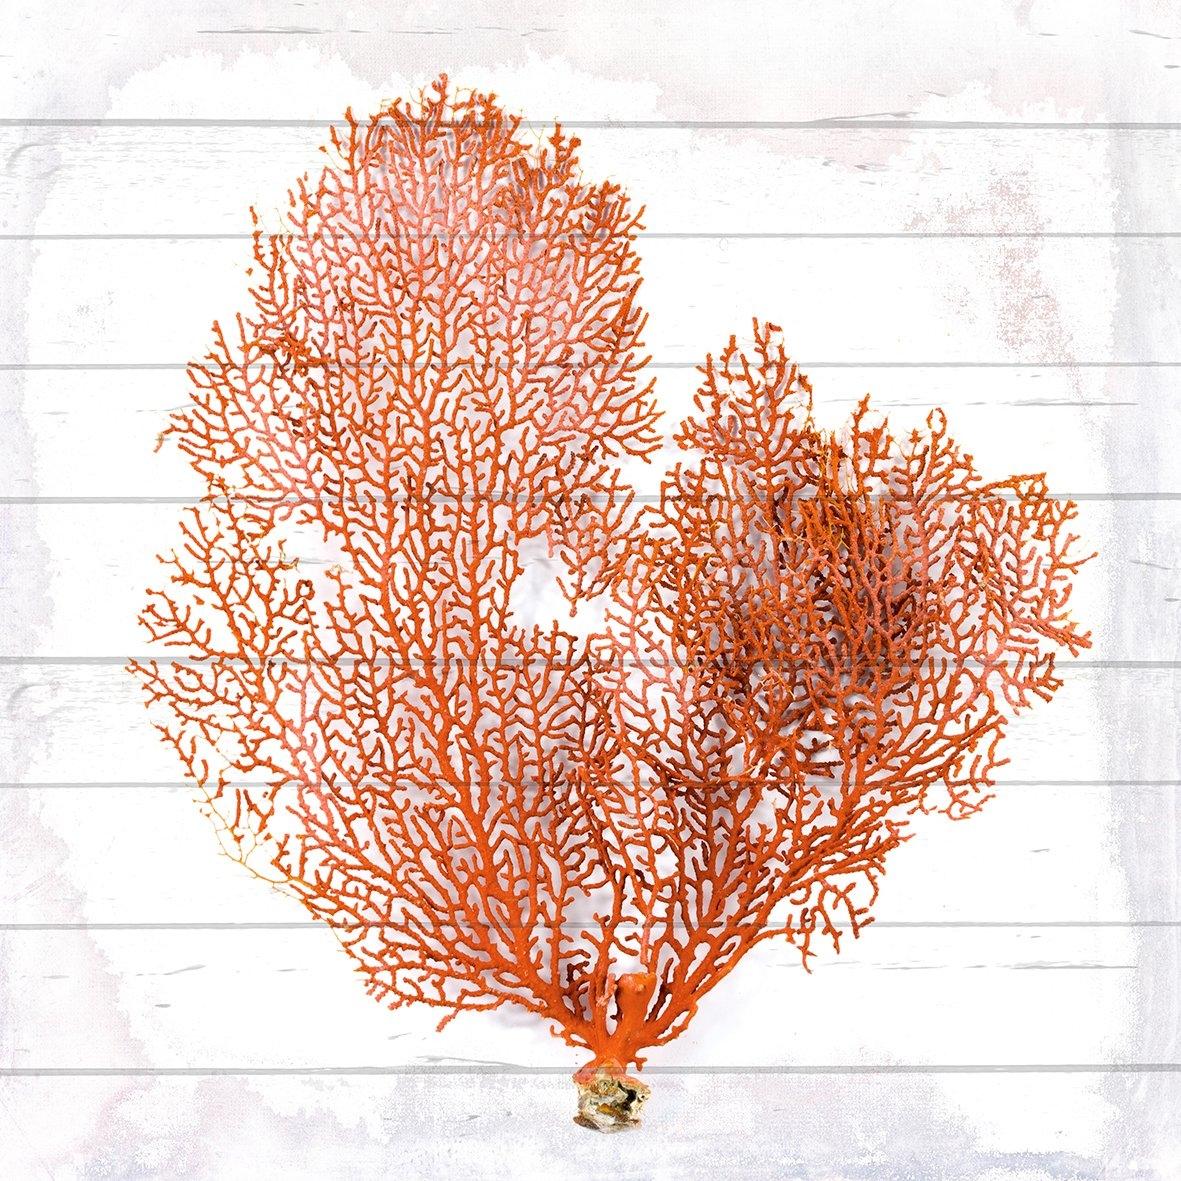 Queence Artprint op hout »Orange Koralle«, 90 x 90 cm, zwart, kwart / circulaire douche nu online bestellen